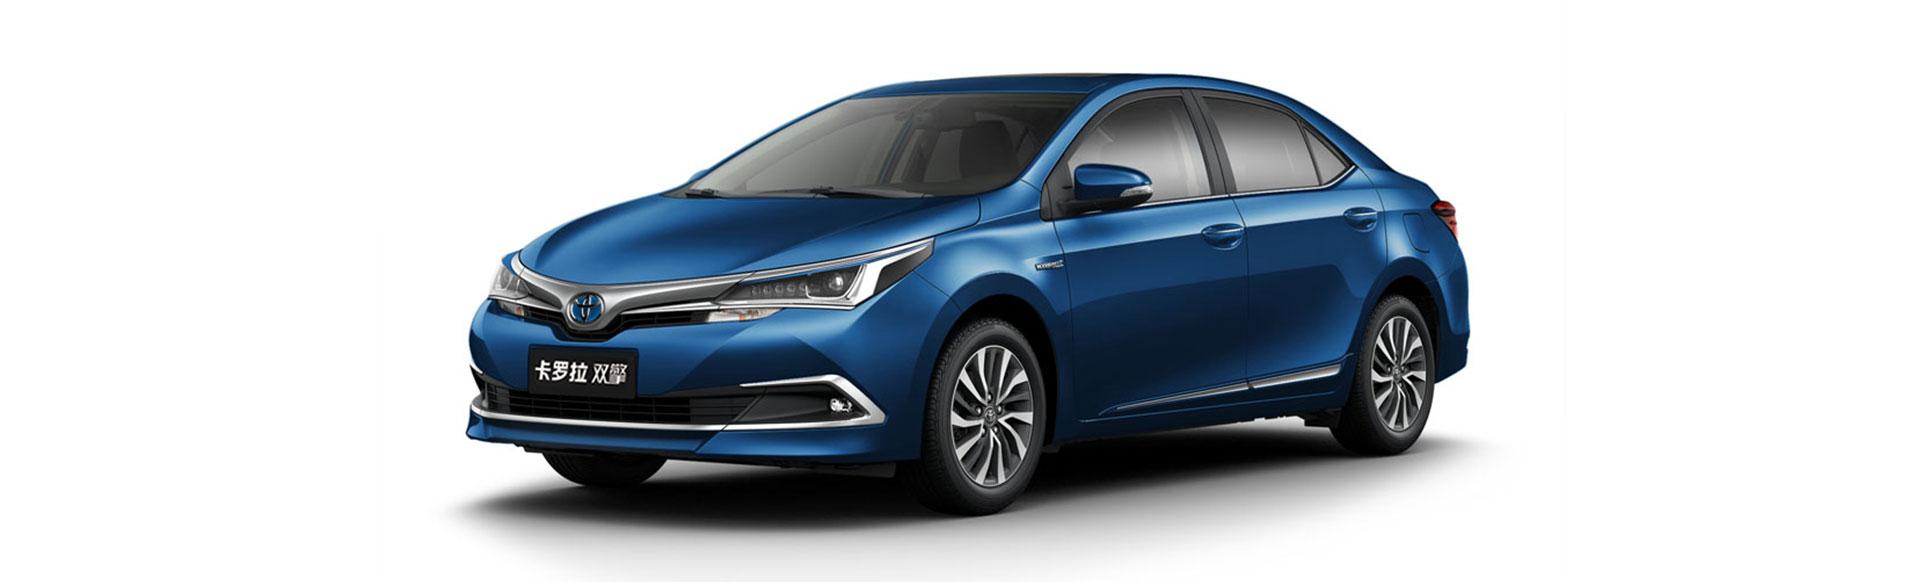 广汽丰田雷凌双擎(雷凌混动版)车型于10月29日正式上市,新车将推出1.